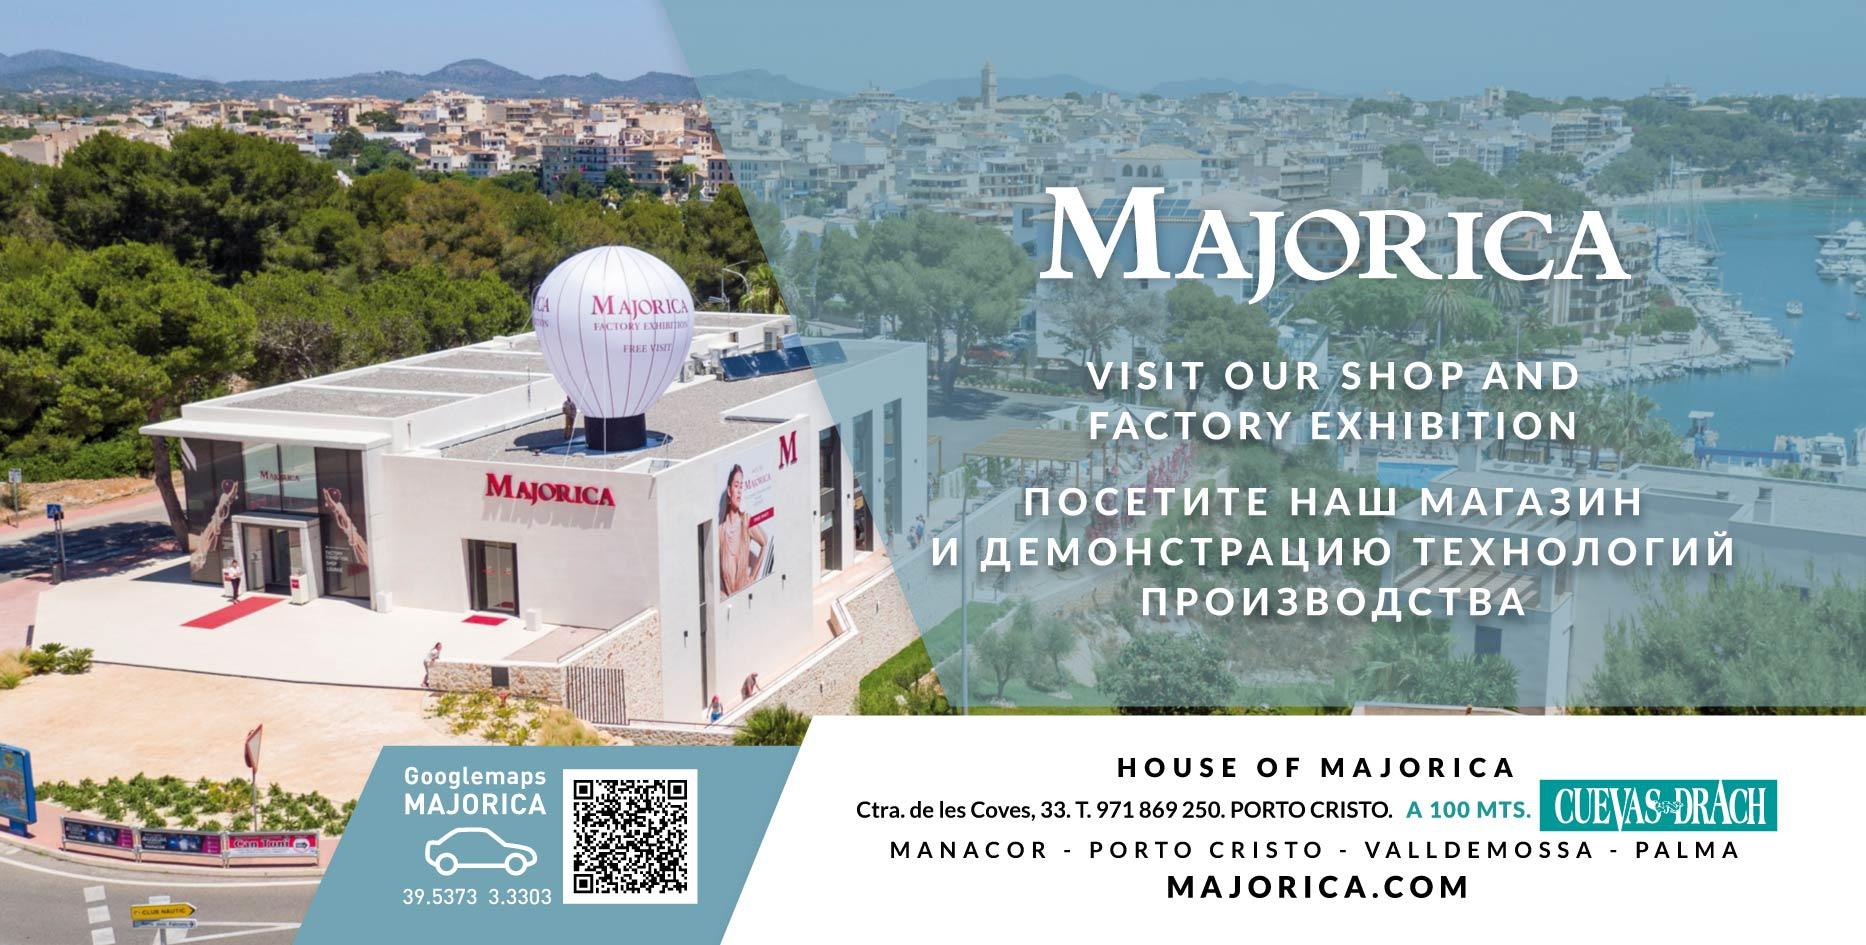 AD_Majorica_Mallorca_RUSA_158x80mm_19